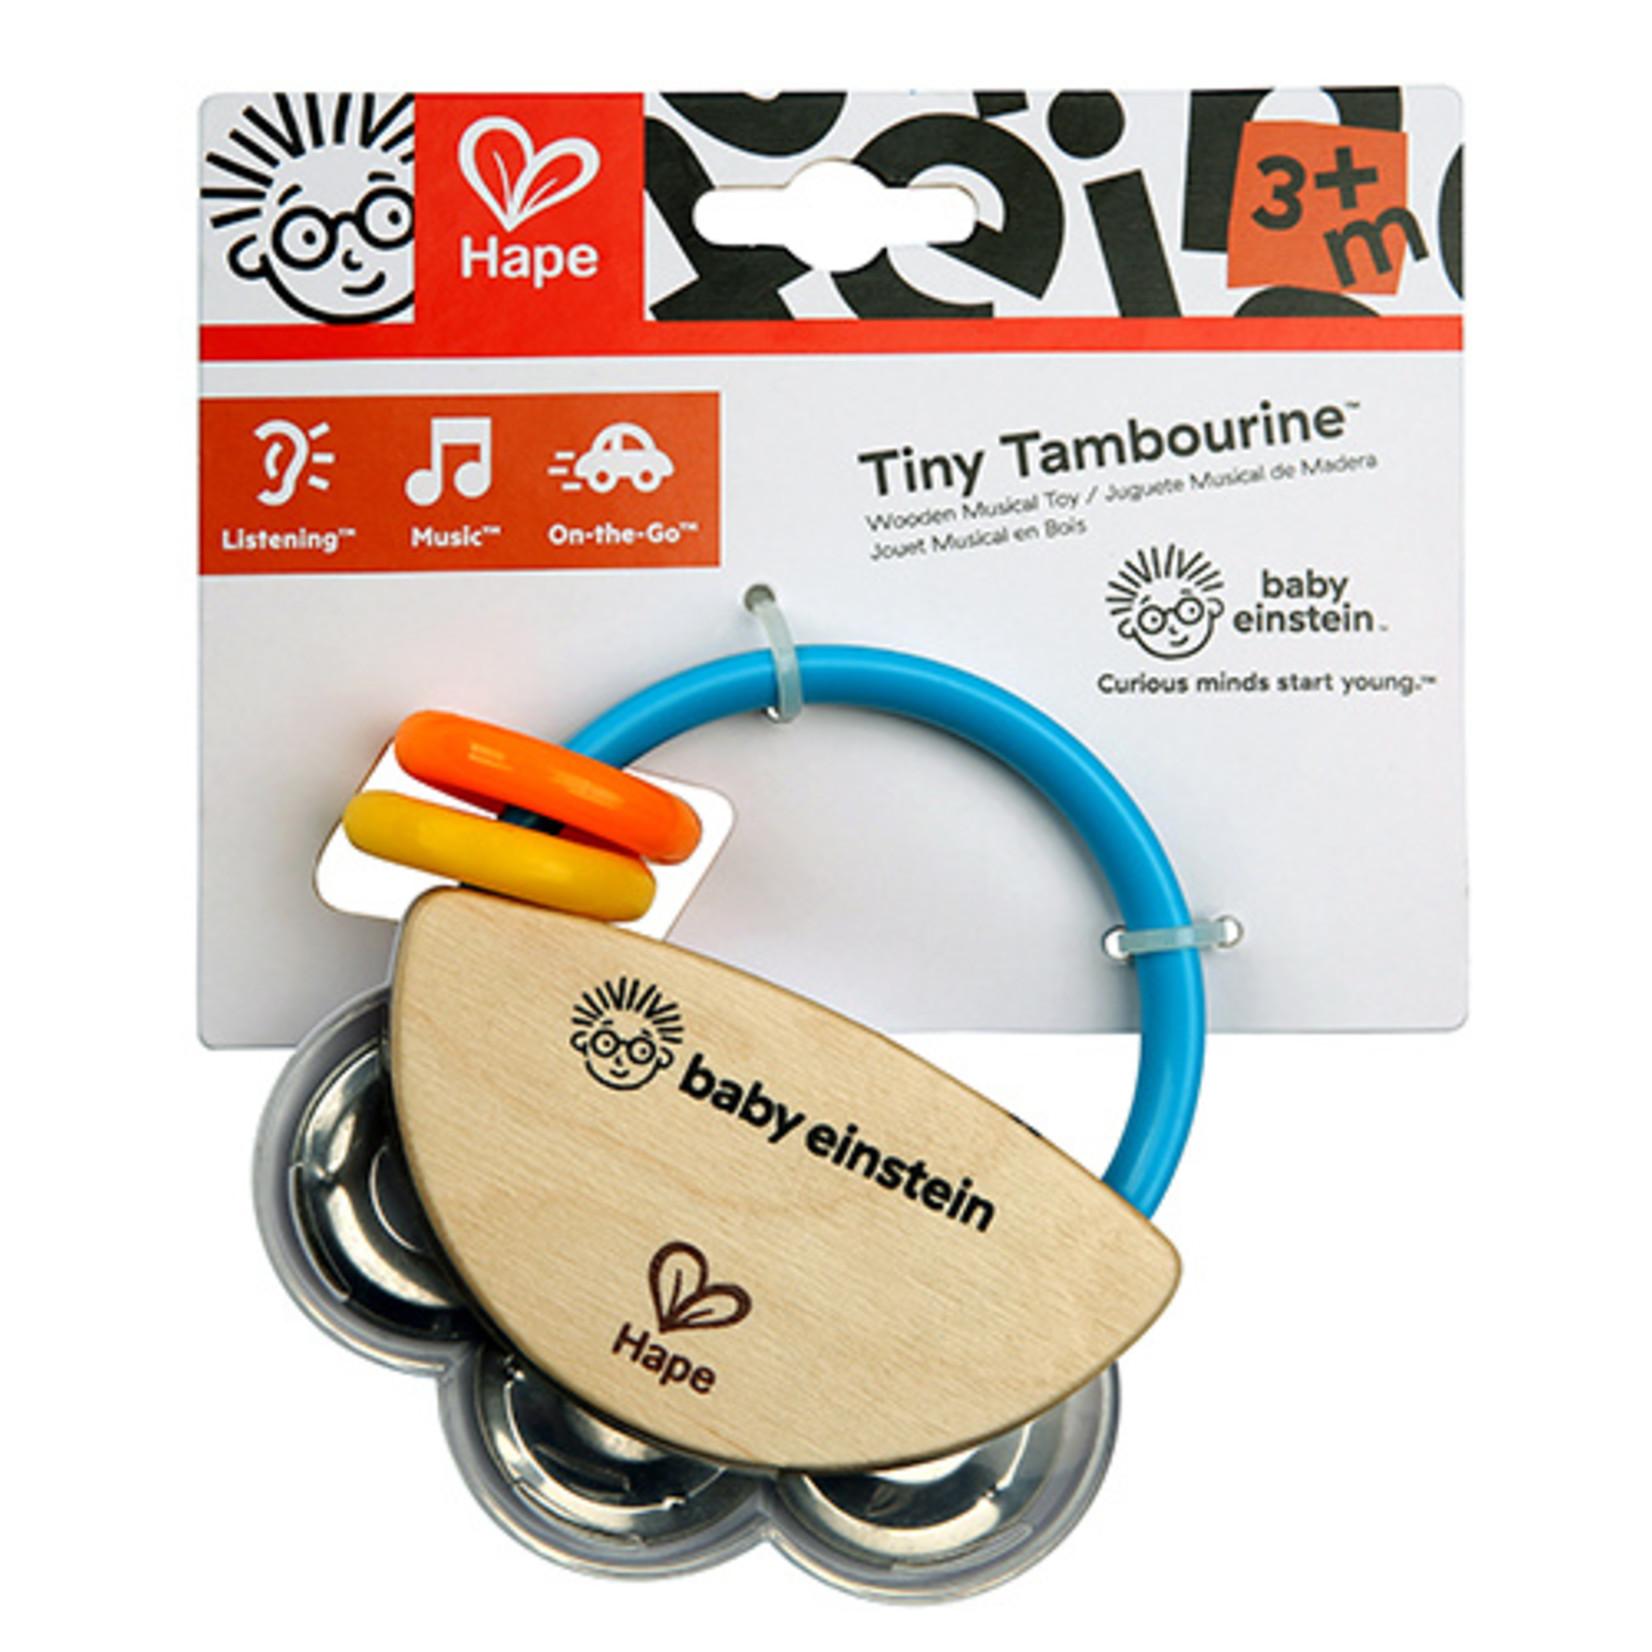 Tiny Tambourine